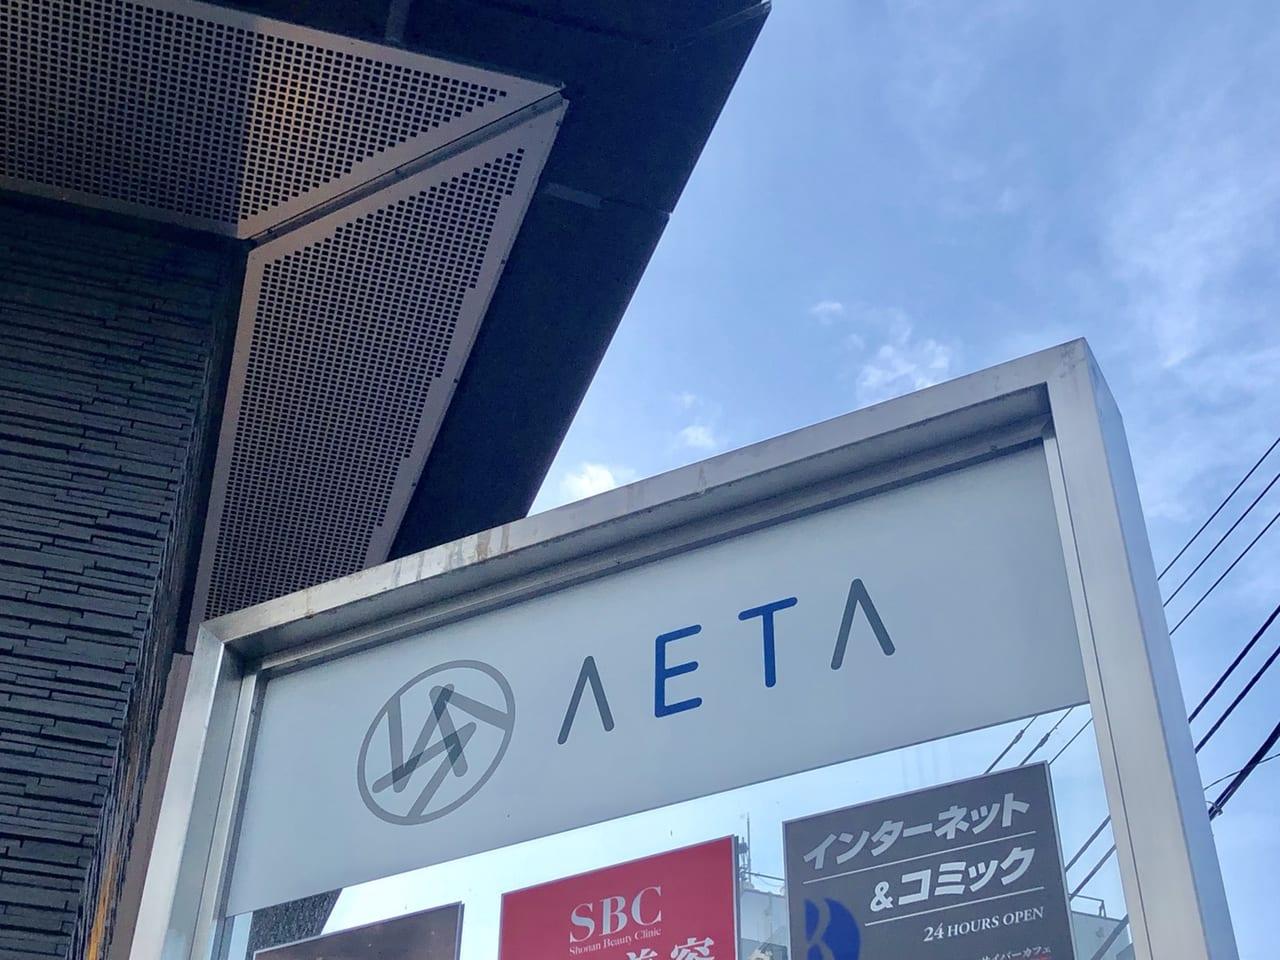 AETA町田